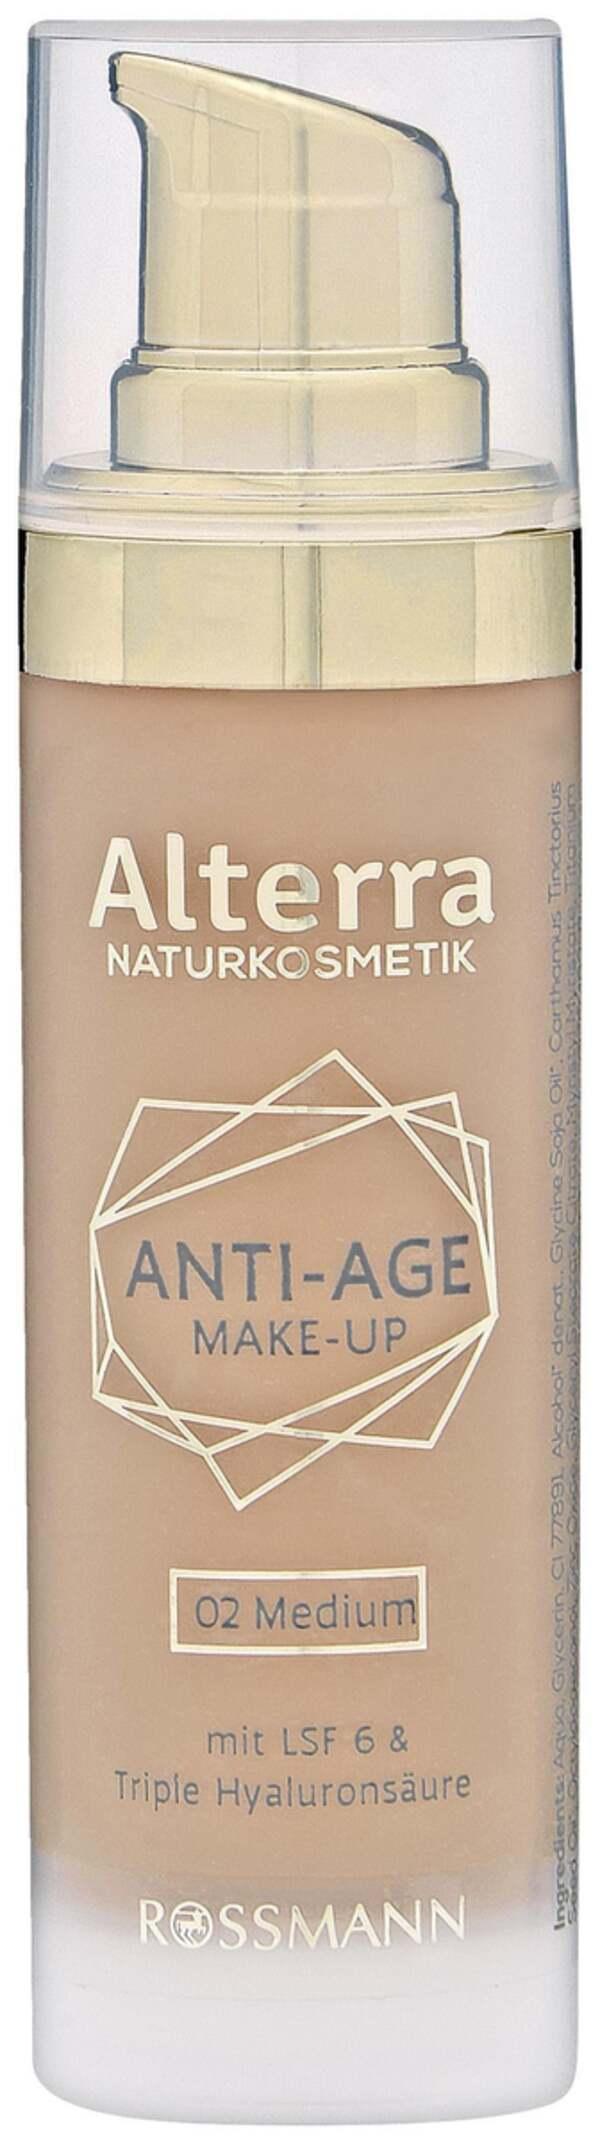 Alterra Anti-Age Make-up 02 Medium